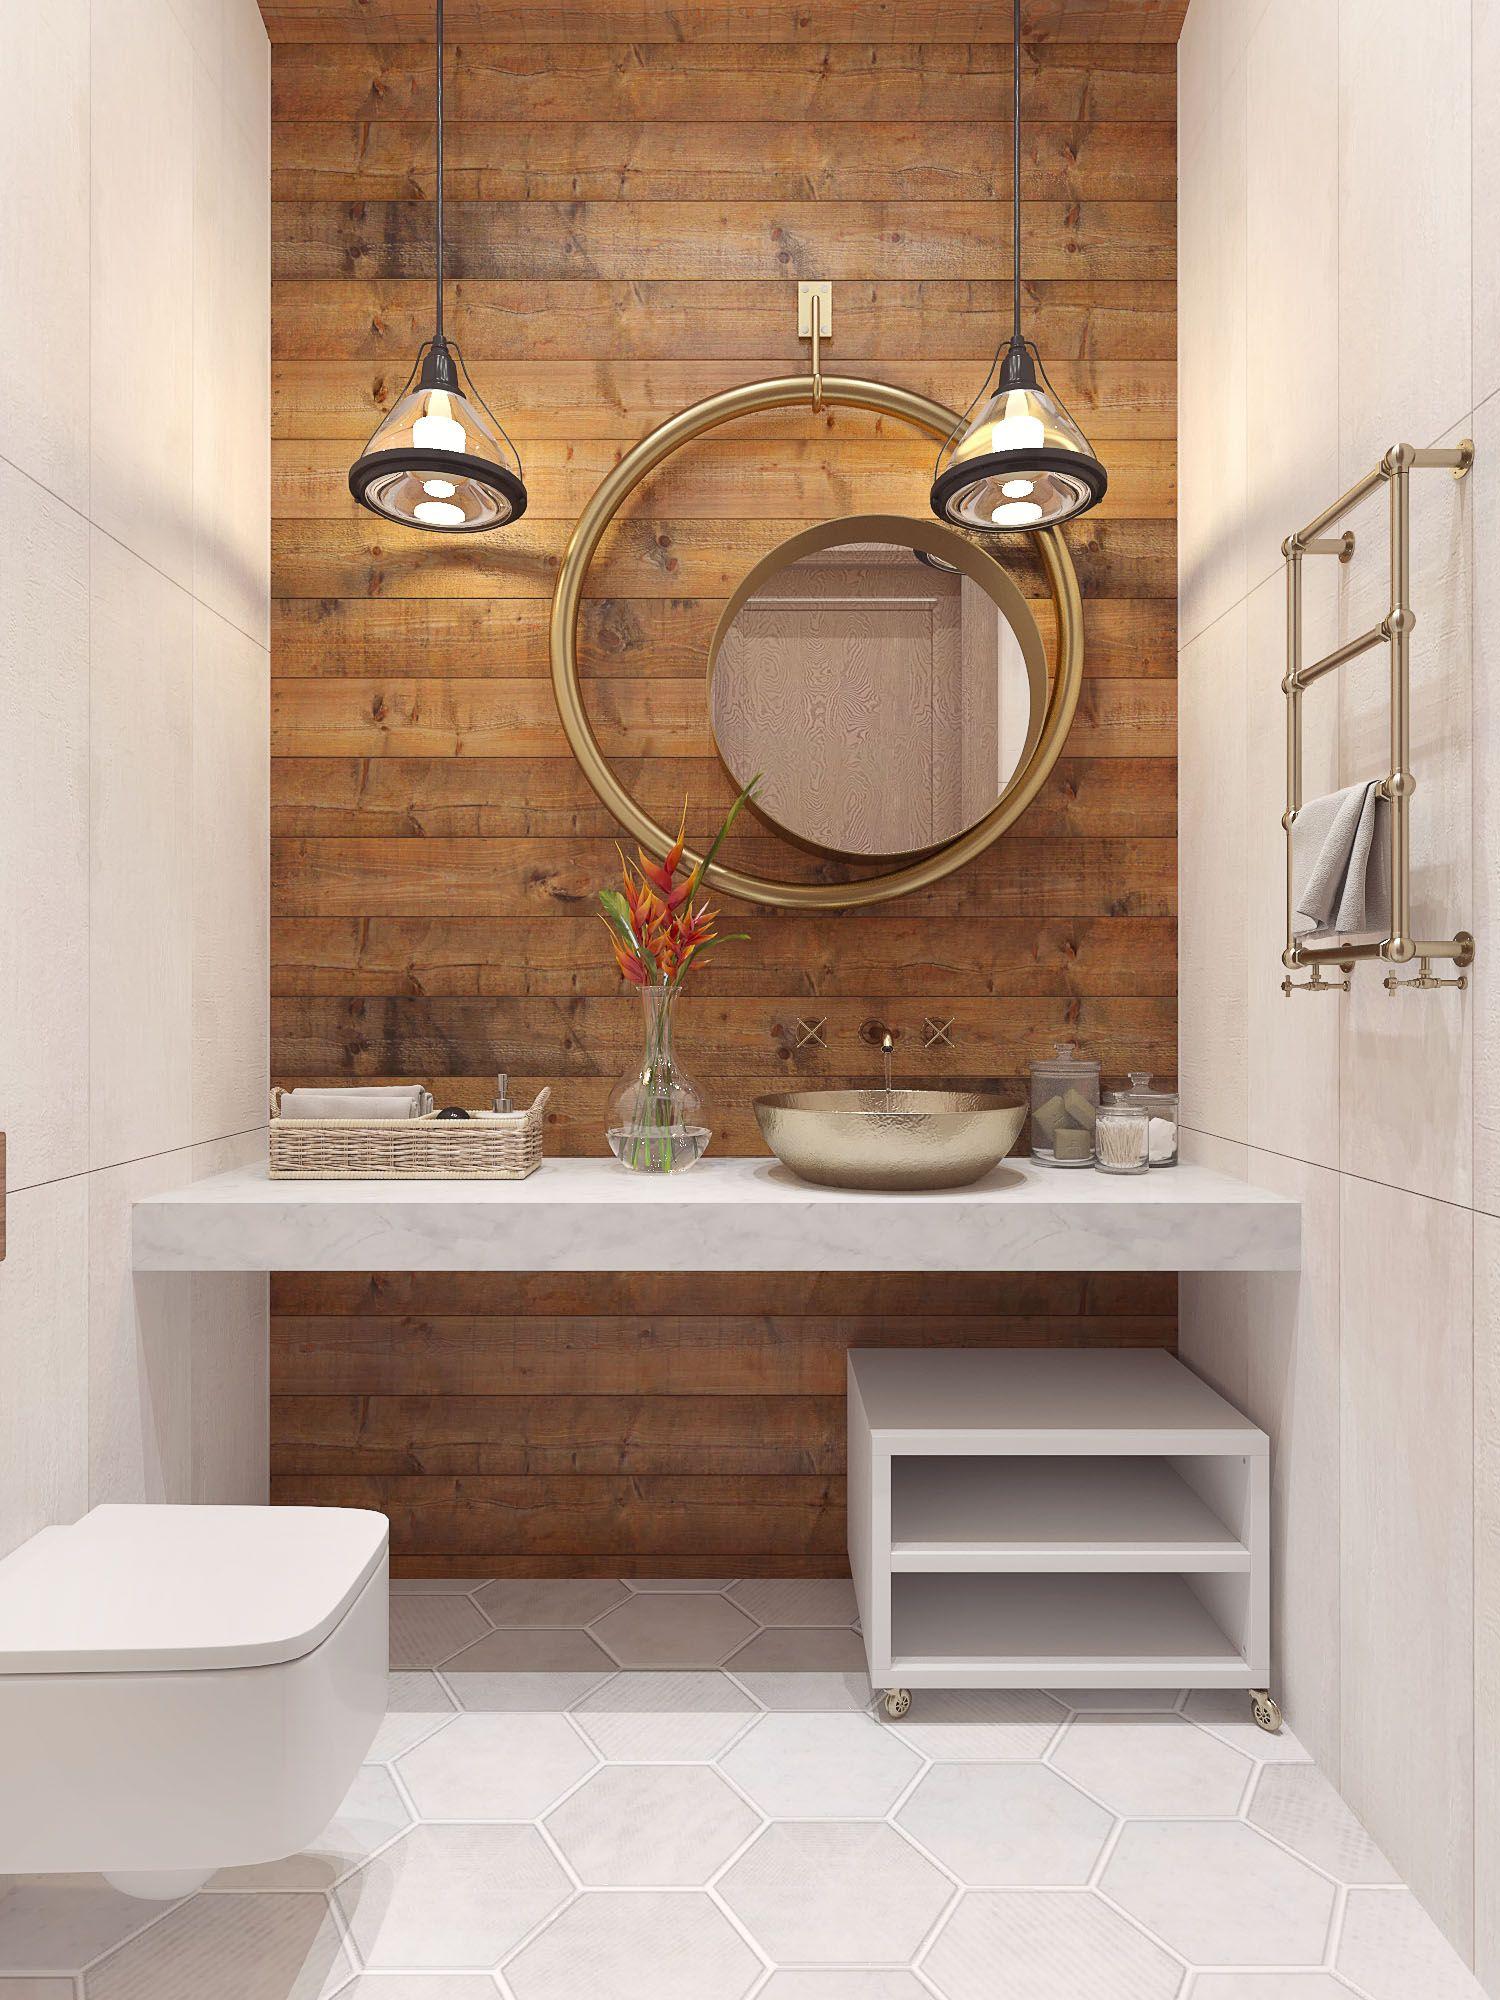 Round concentric mirrors and wood tone wall for bathroom home decor interior design idea bagno - Armadietti da bagno ...